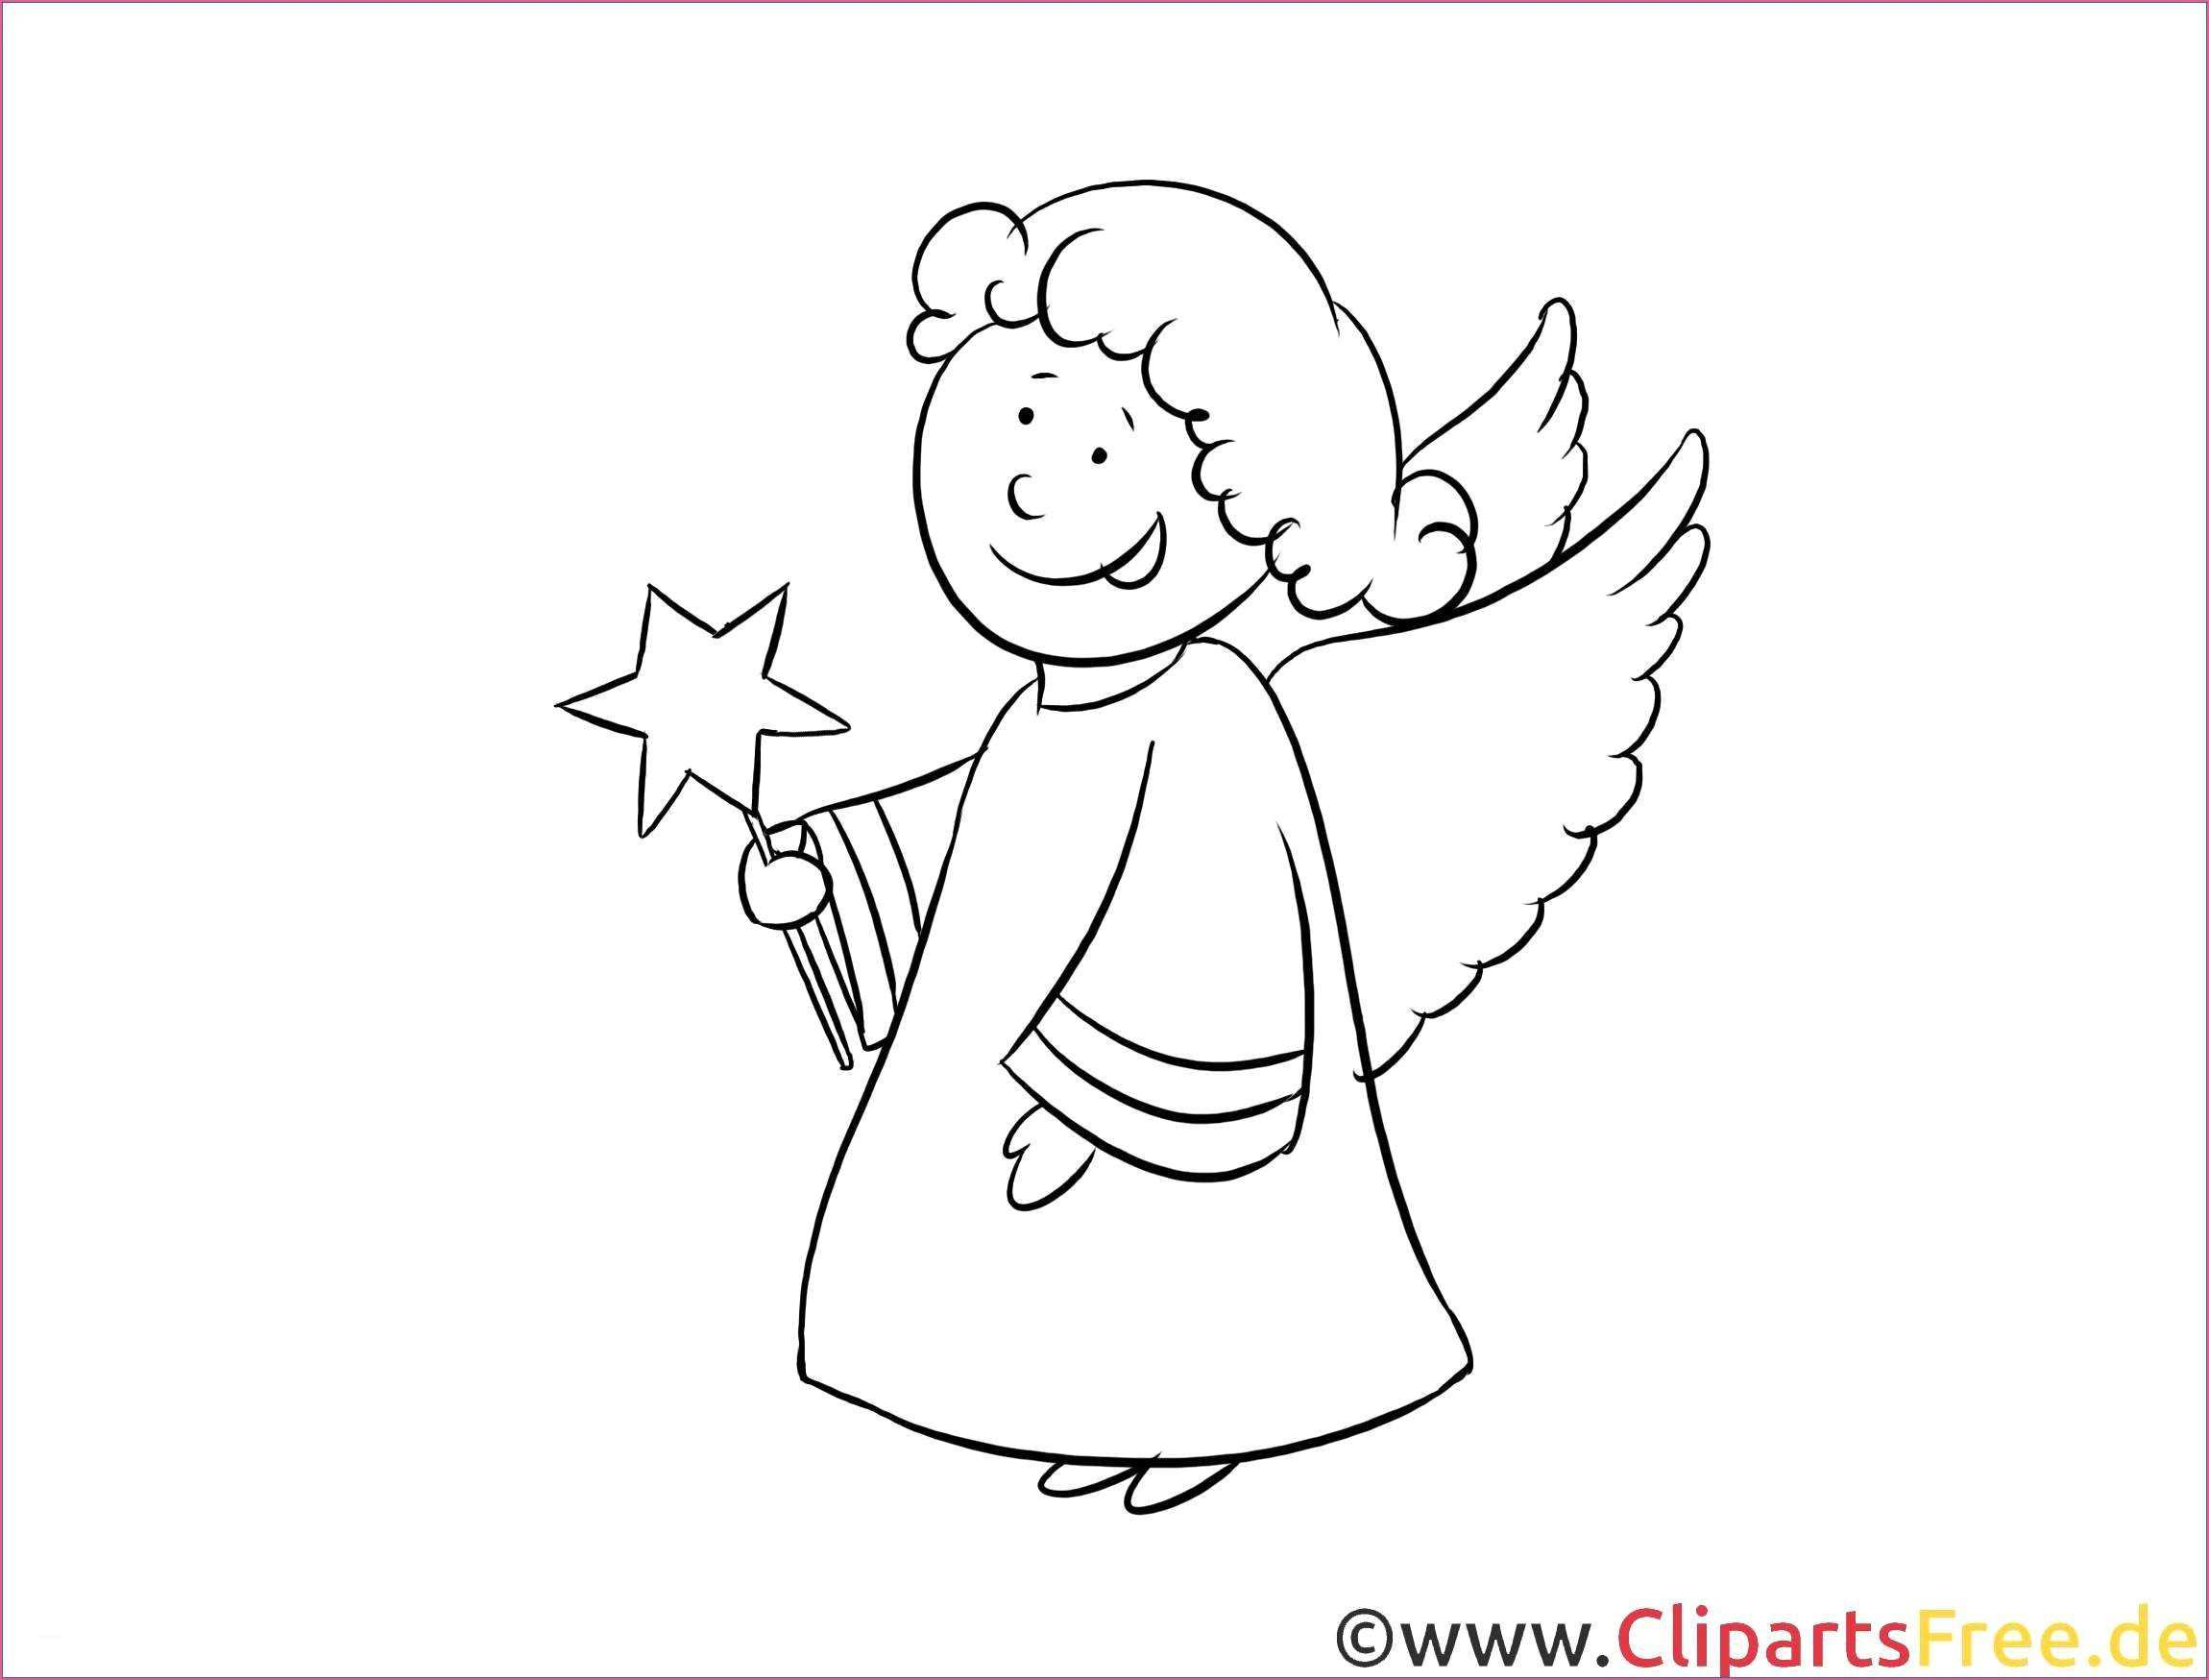 Hintergrundbilder Engel Kostenlos In 2020 Weihnachten Basteln Vorlagen Bastelvorlagen Weihnachten Ausdrucken Ausmalbilder